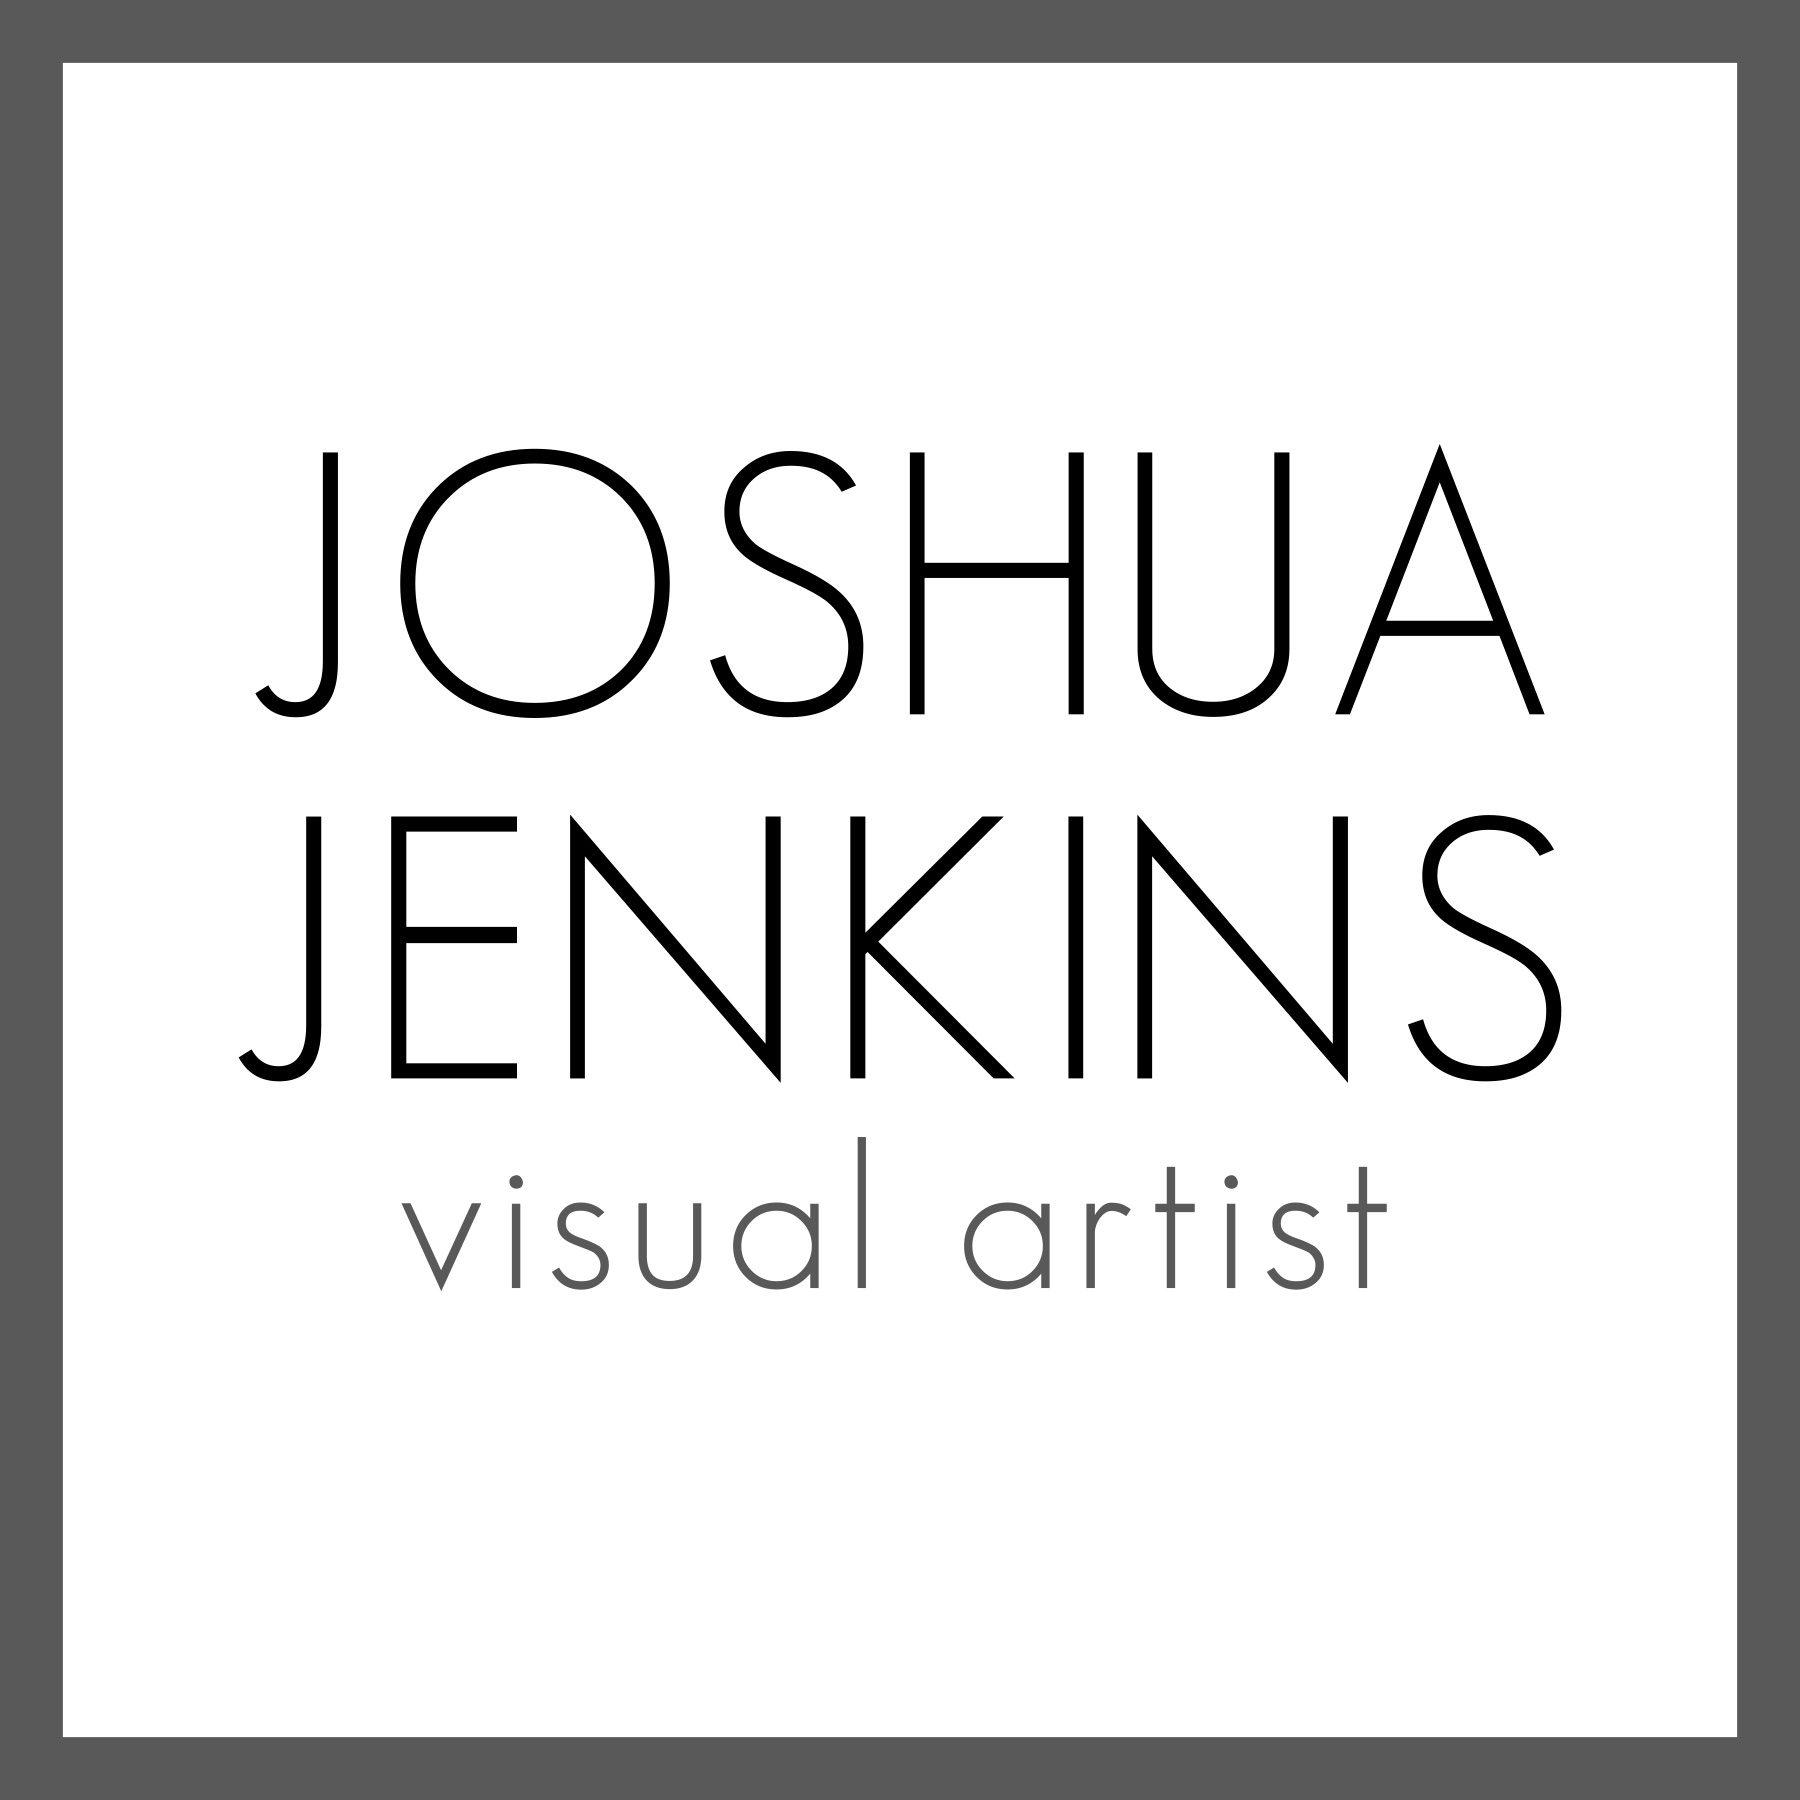 Joshua Jenkins